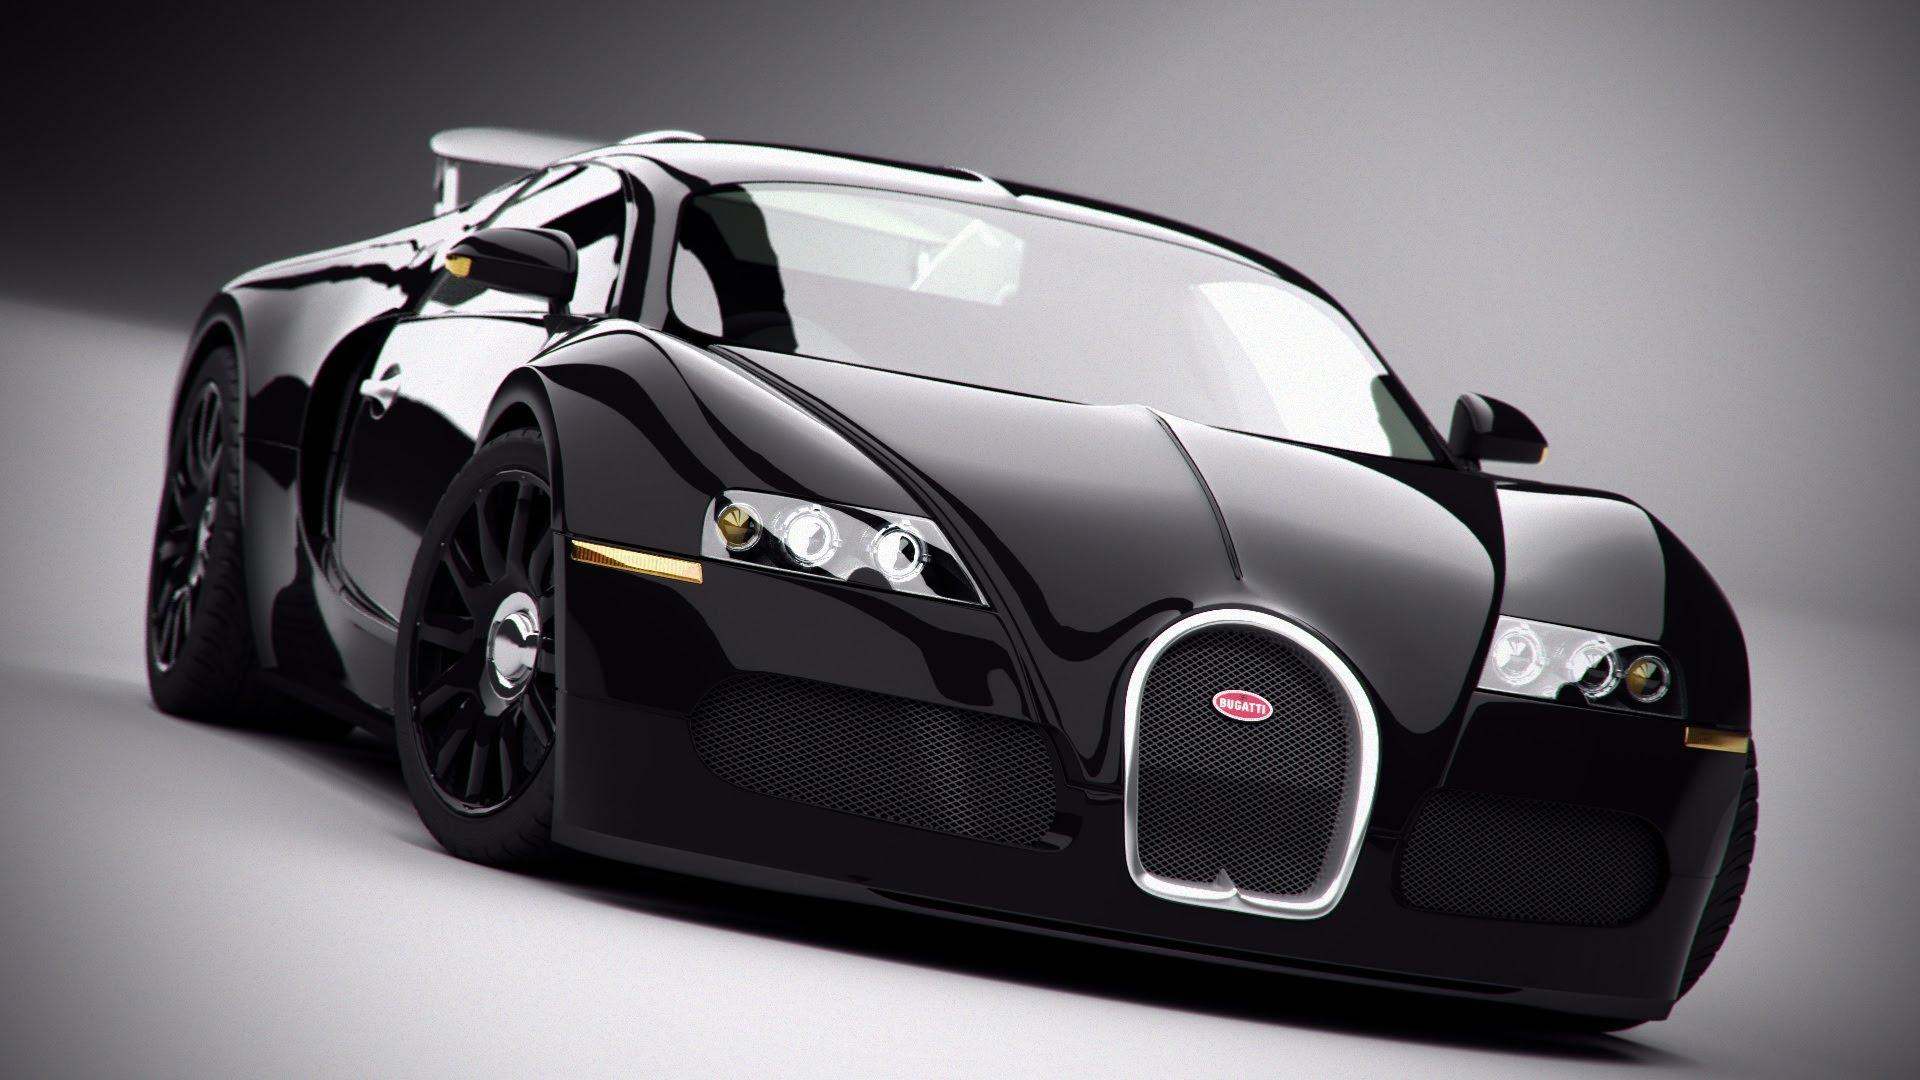 بالصور اجمل سيارة في العالم , سيارات فخمة وجميلة جدا 3389 2